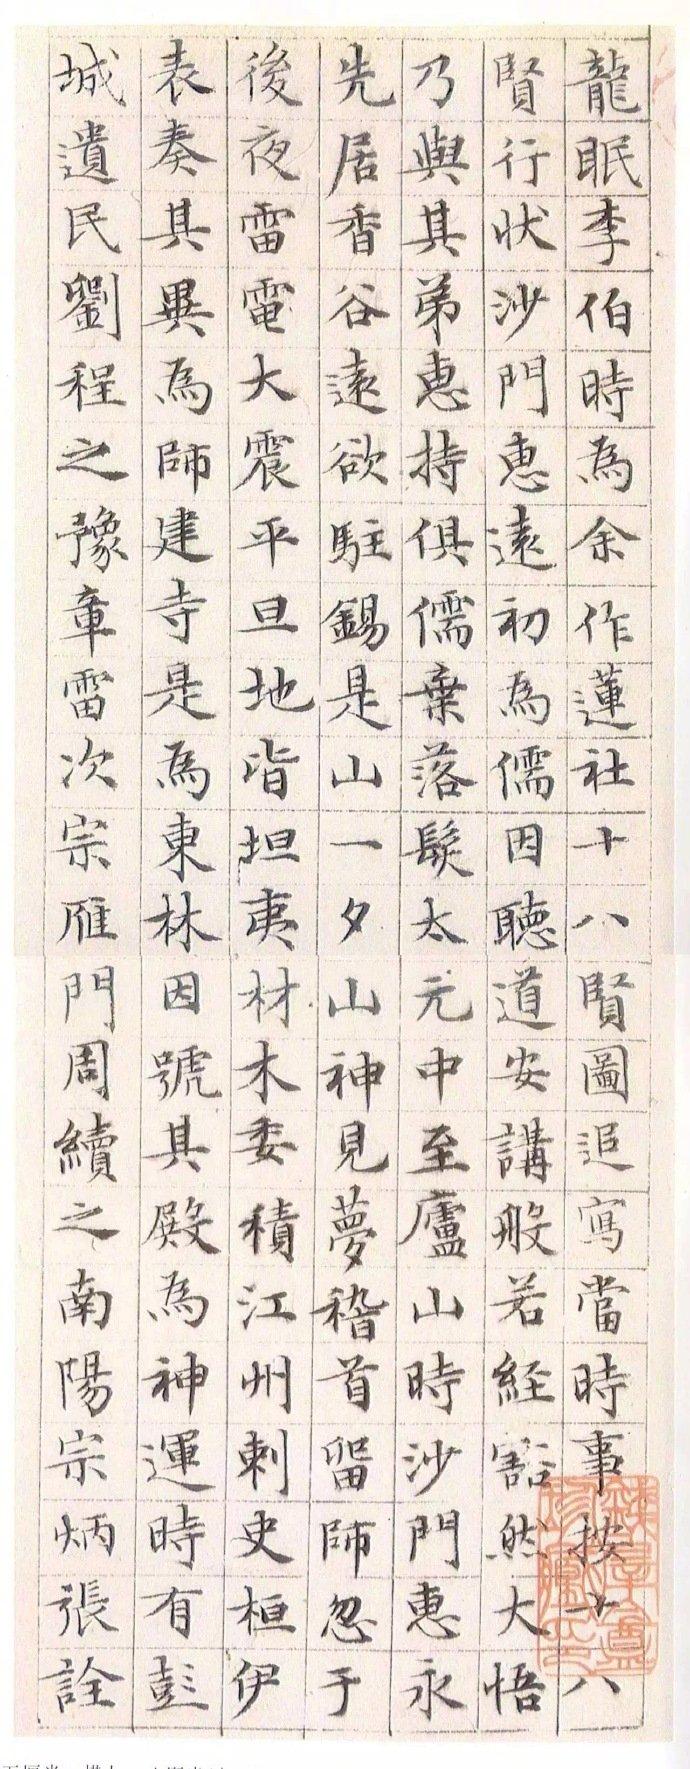 文徵明造诣最高的小楷 《莲社图记》册。文徵明的小楷